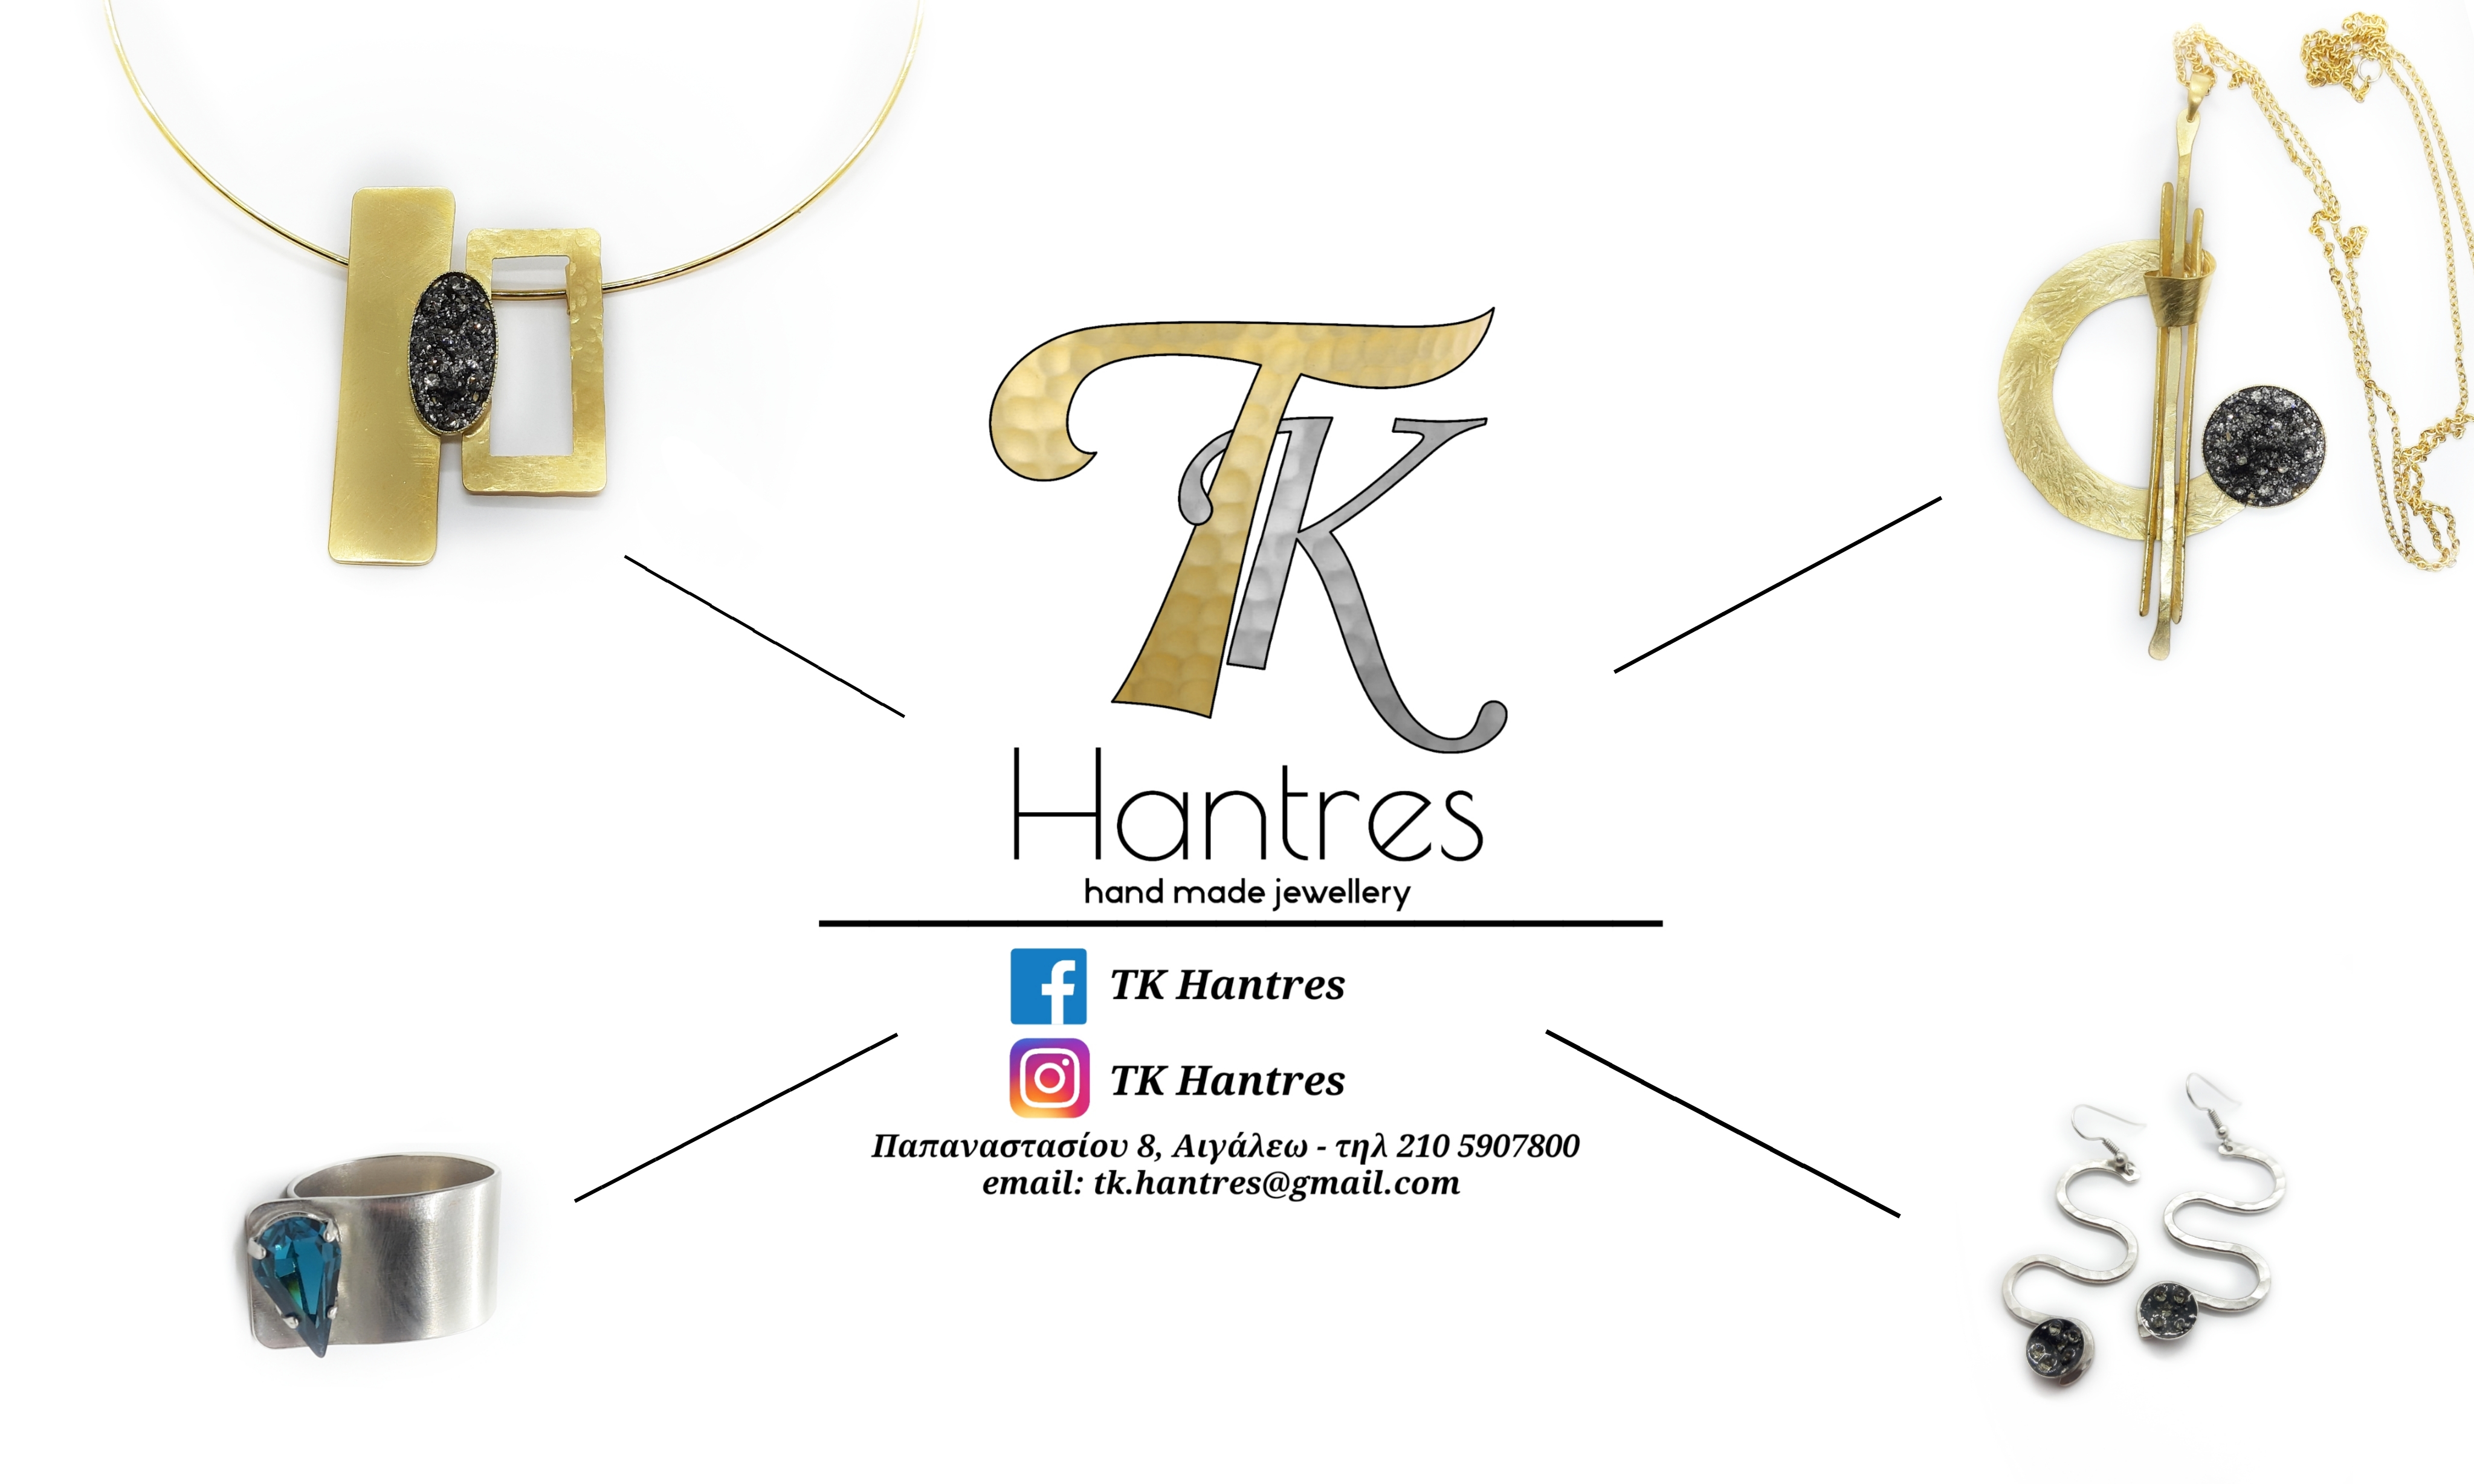 TK Hantres - χειροποίητα κοσμήματα: για τα μάτια σου μόνο (φωτογραφίες)